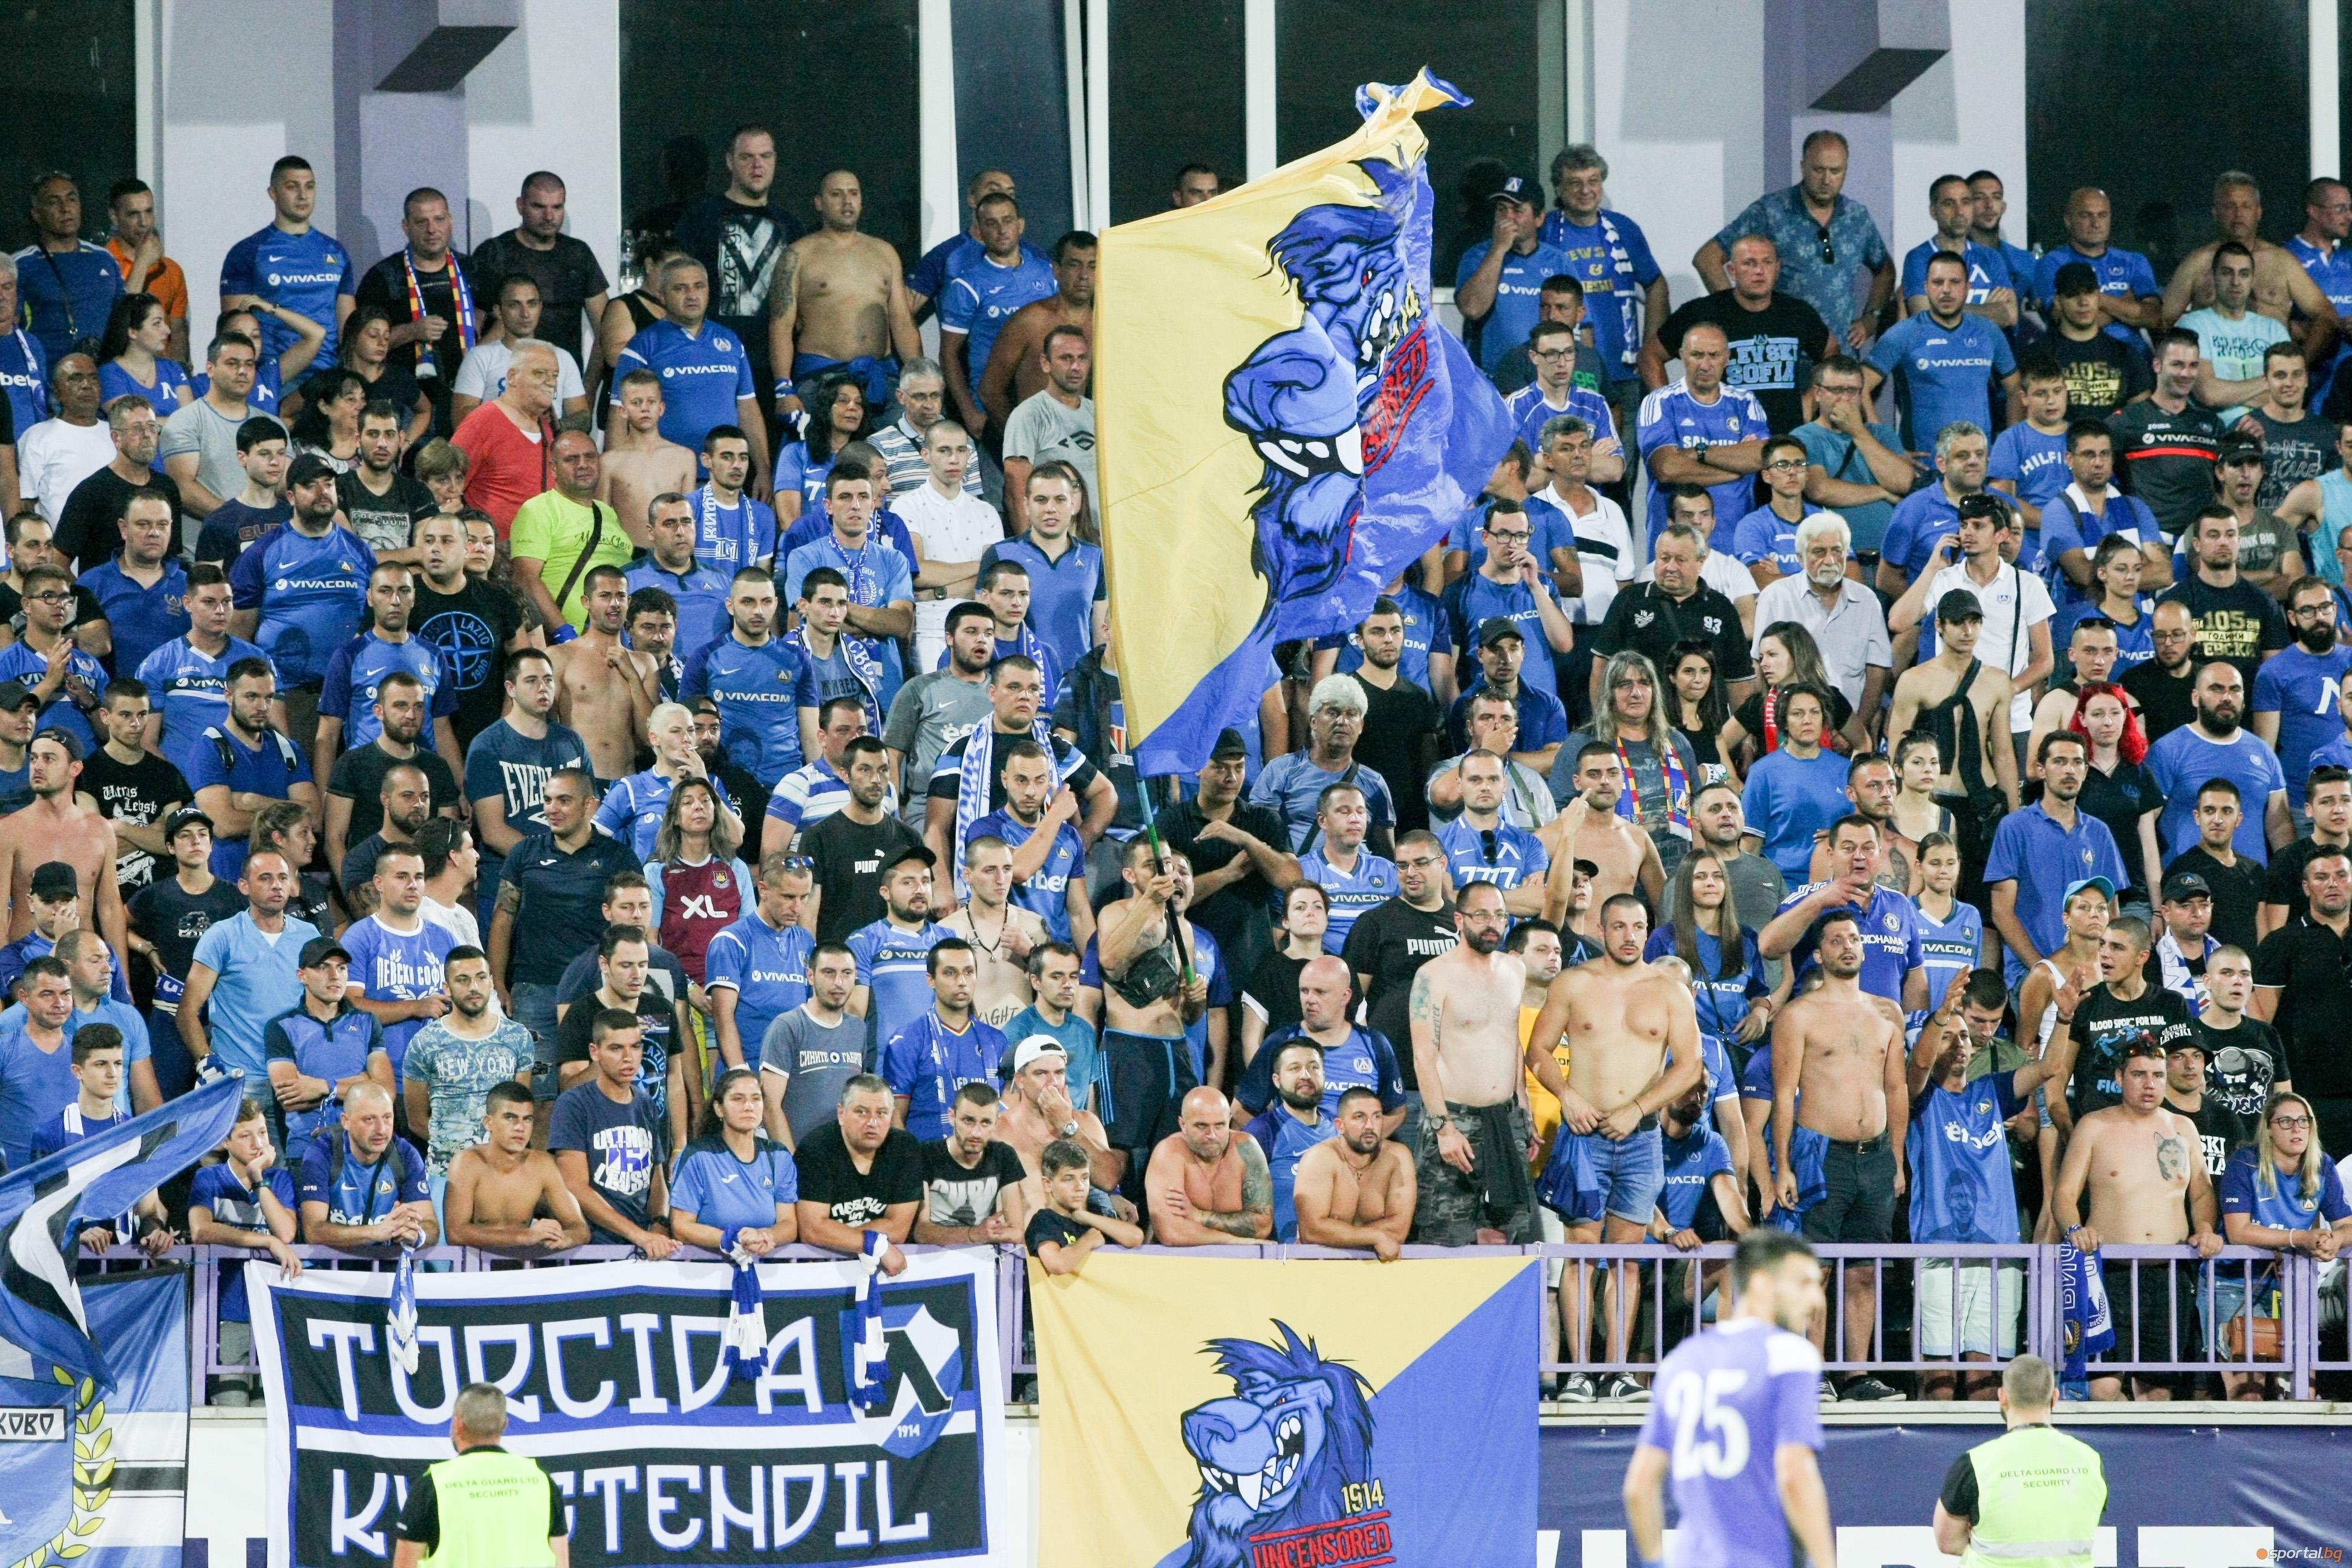 Ръководството на Левски призова феновете да подкрепят отбора без прояви